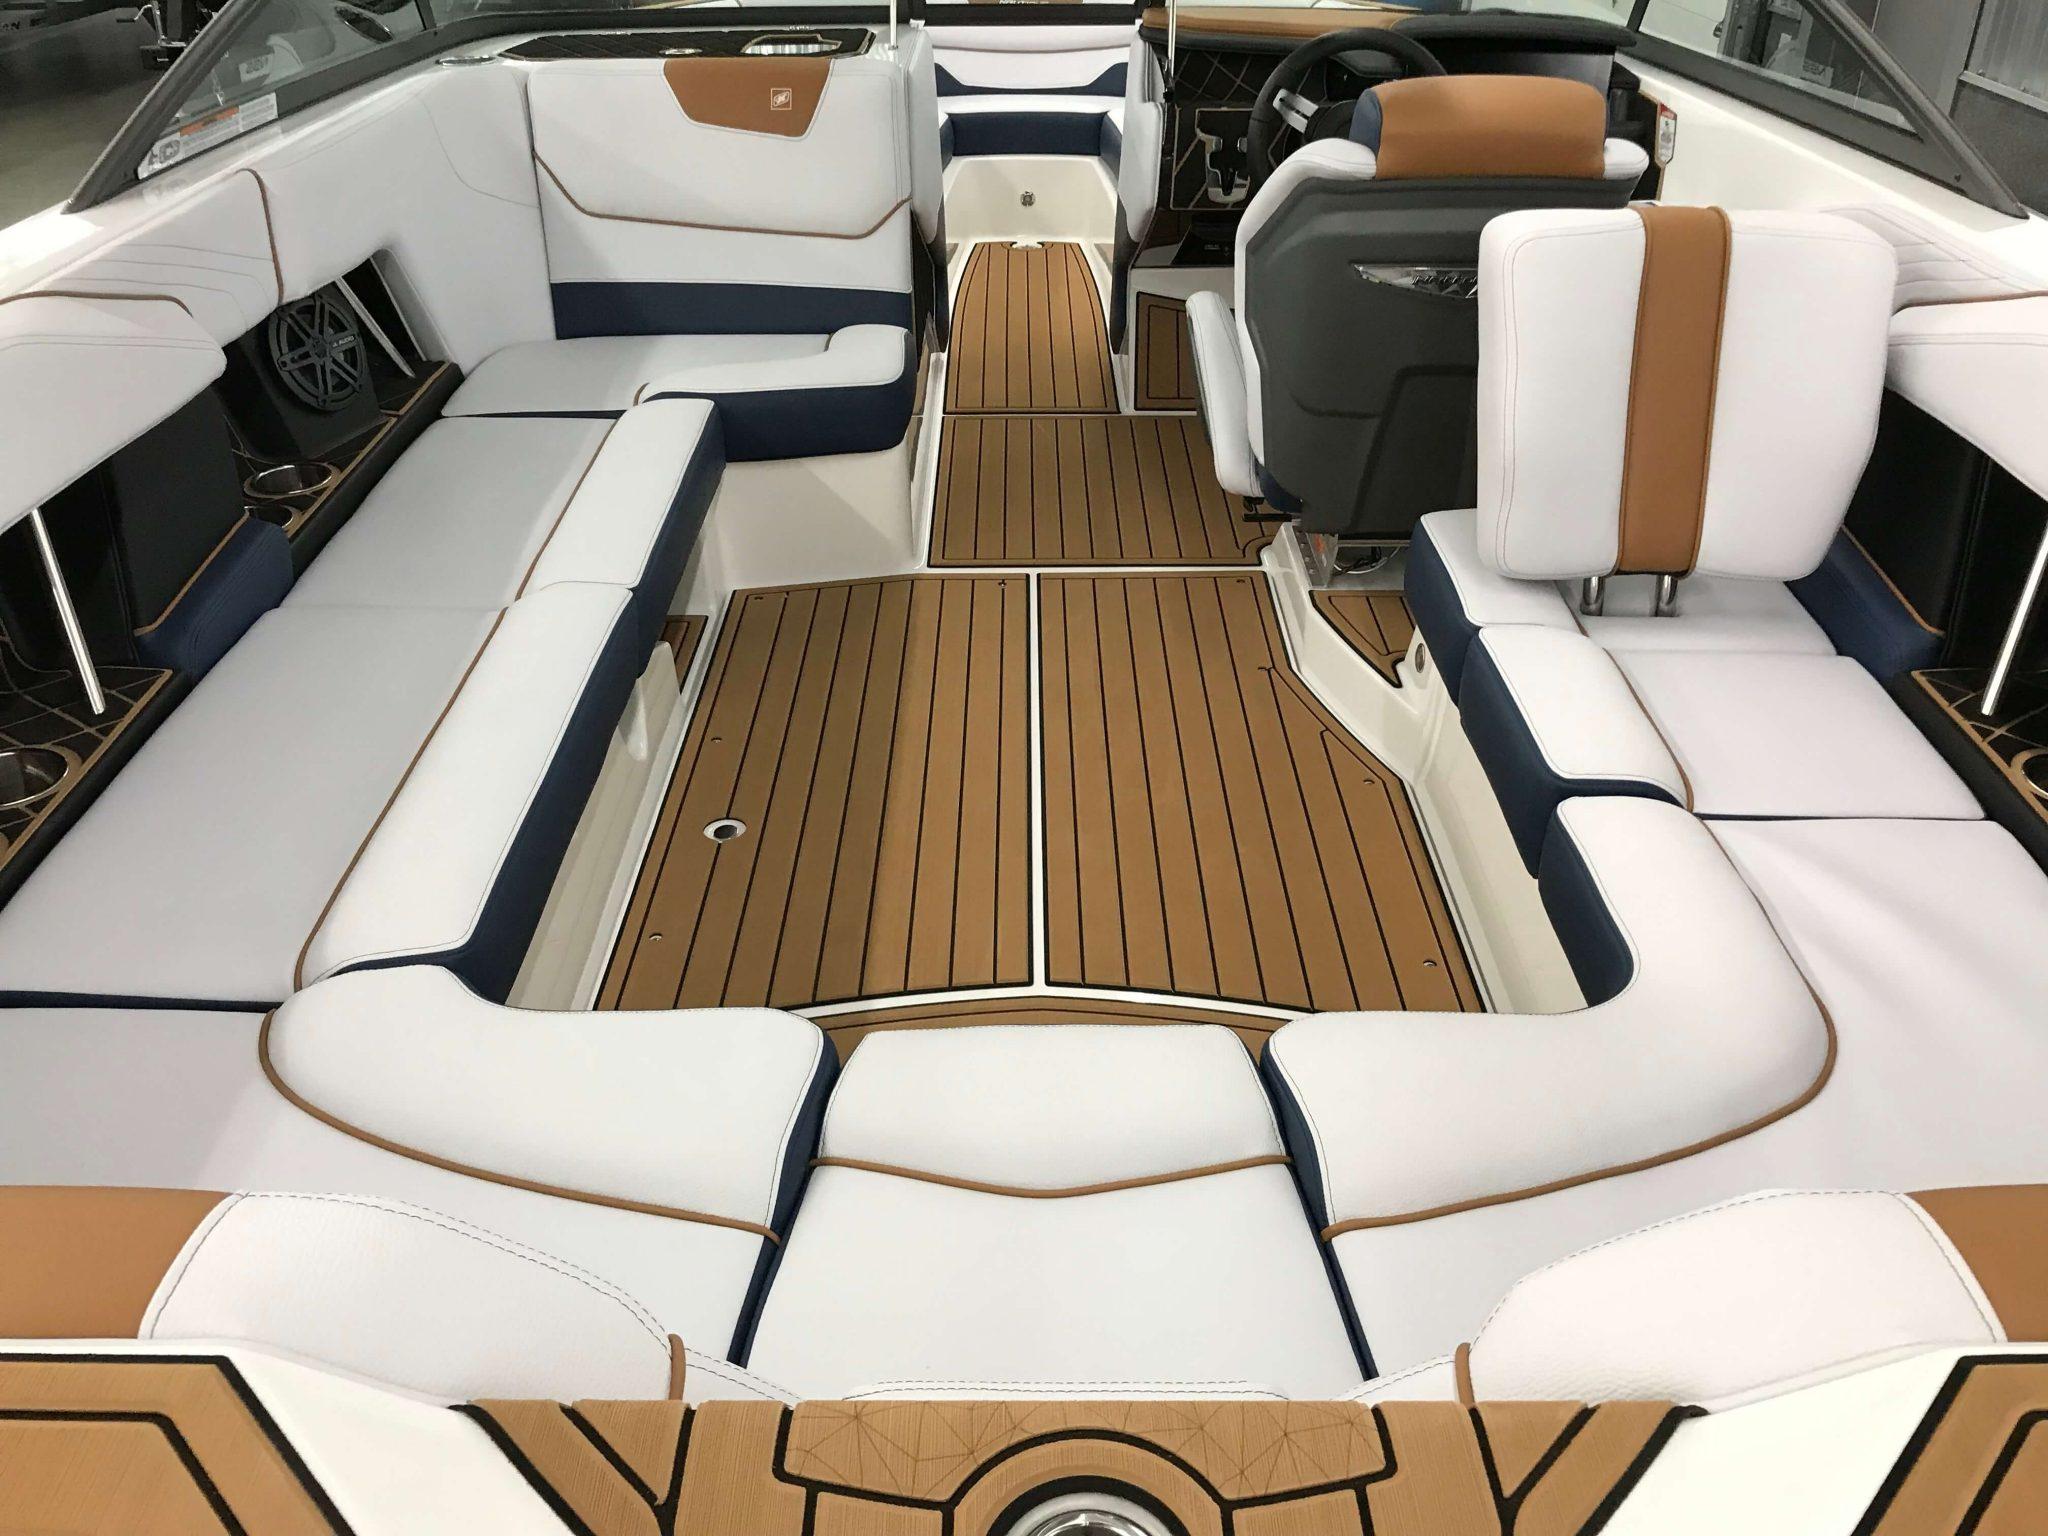 2019 Nautique GS22 Cockpit Seating 2